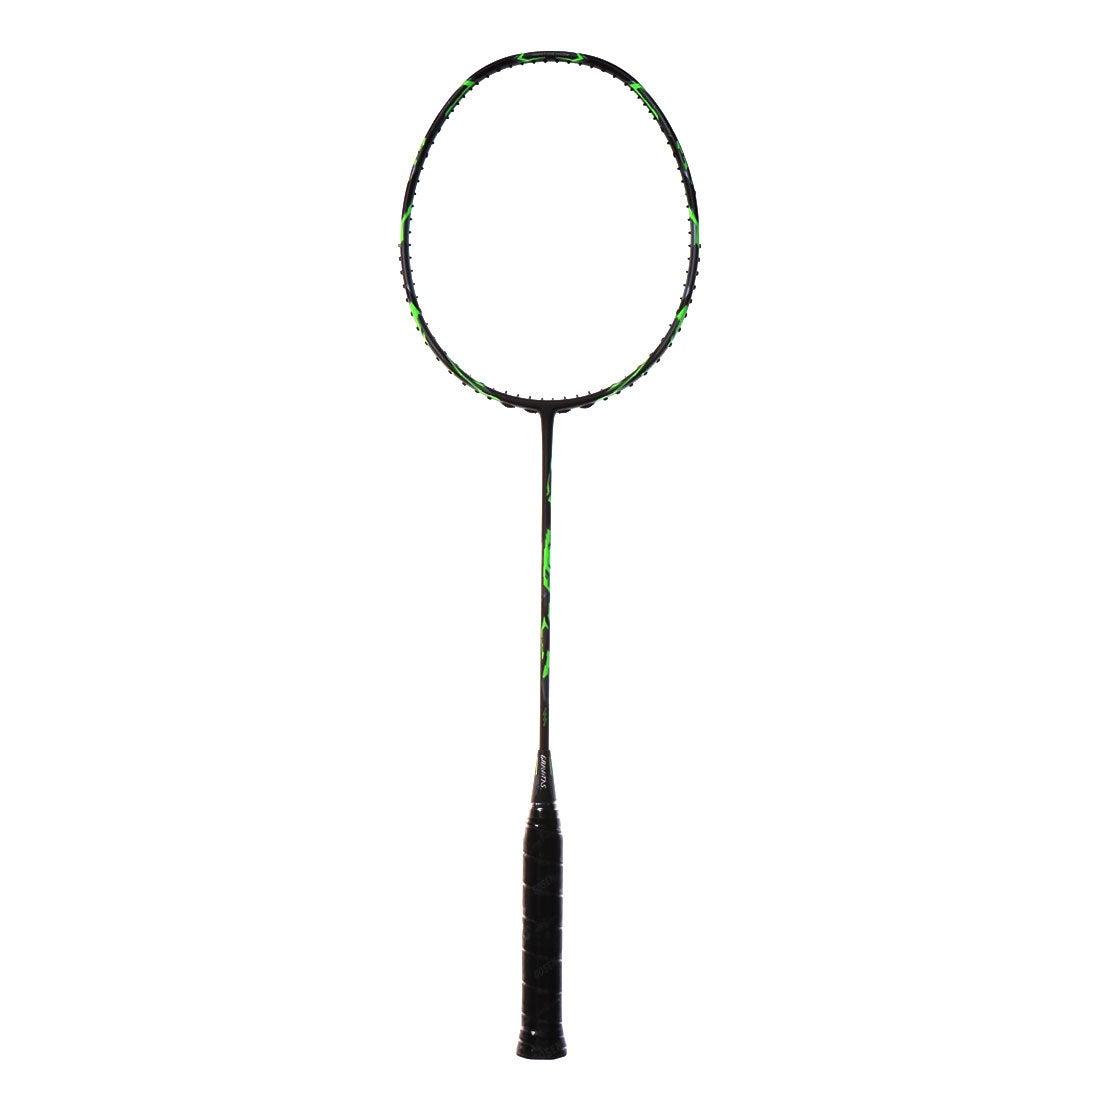 5f266bfc28046c ゴーセン GOSEN バドミントン 未張りラケット グラビタス 3.0RA ブラックグリーン BGV30RABG5 -レディースファッション通販  ロコンドガールズコレクション (LOCONDO ...